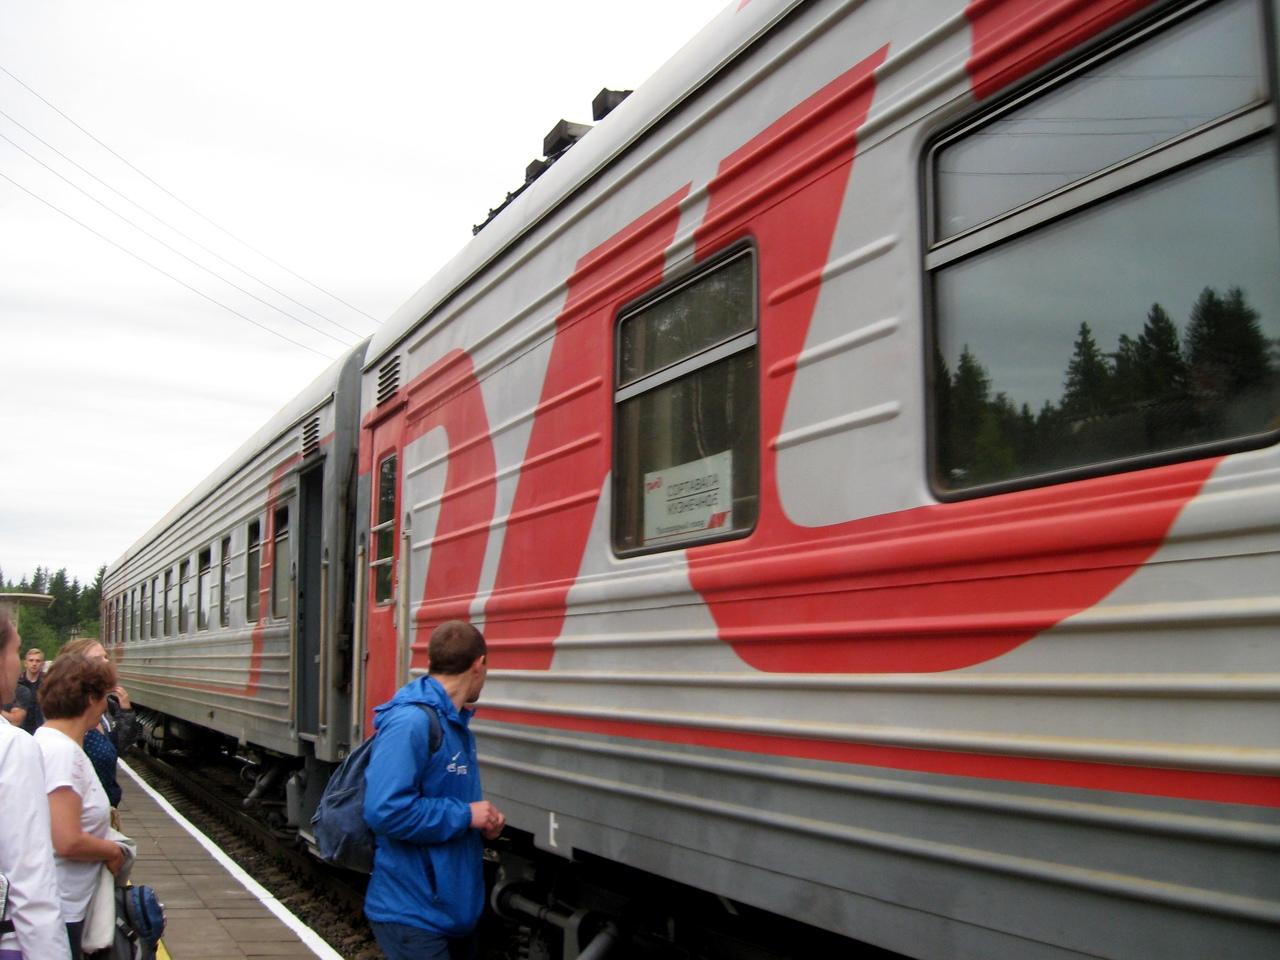 Кузнечное - Сортавала. Самый серьезный поезд Ленинградской области